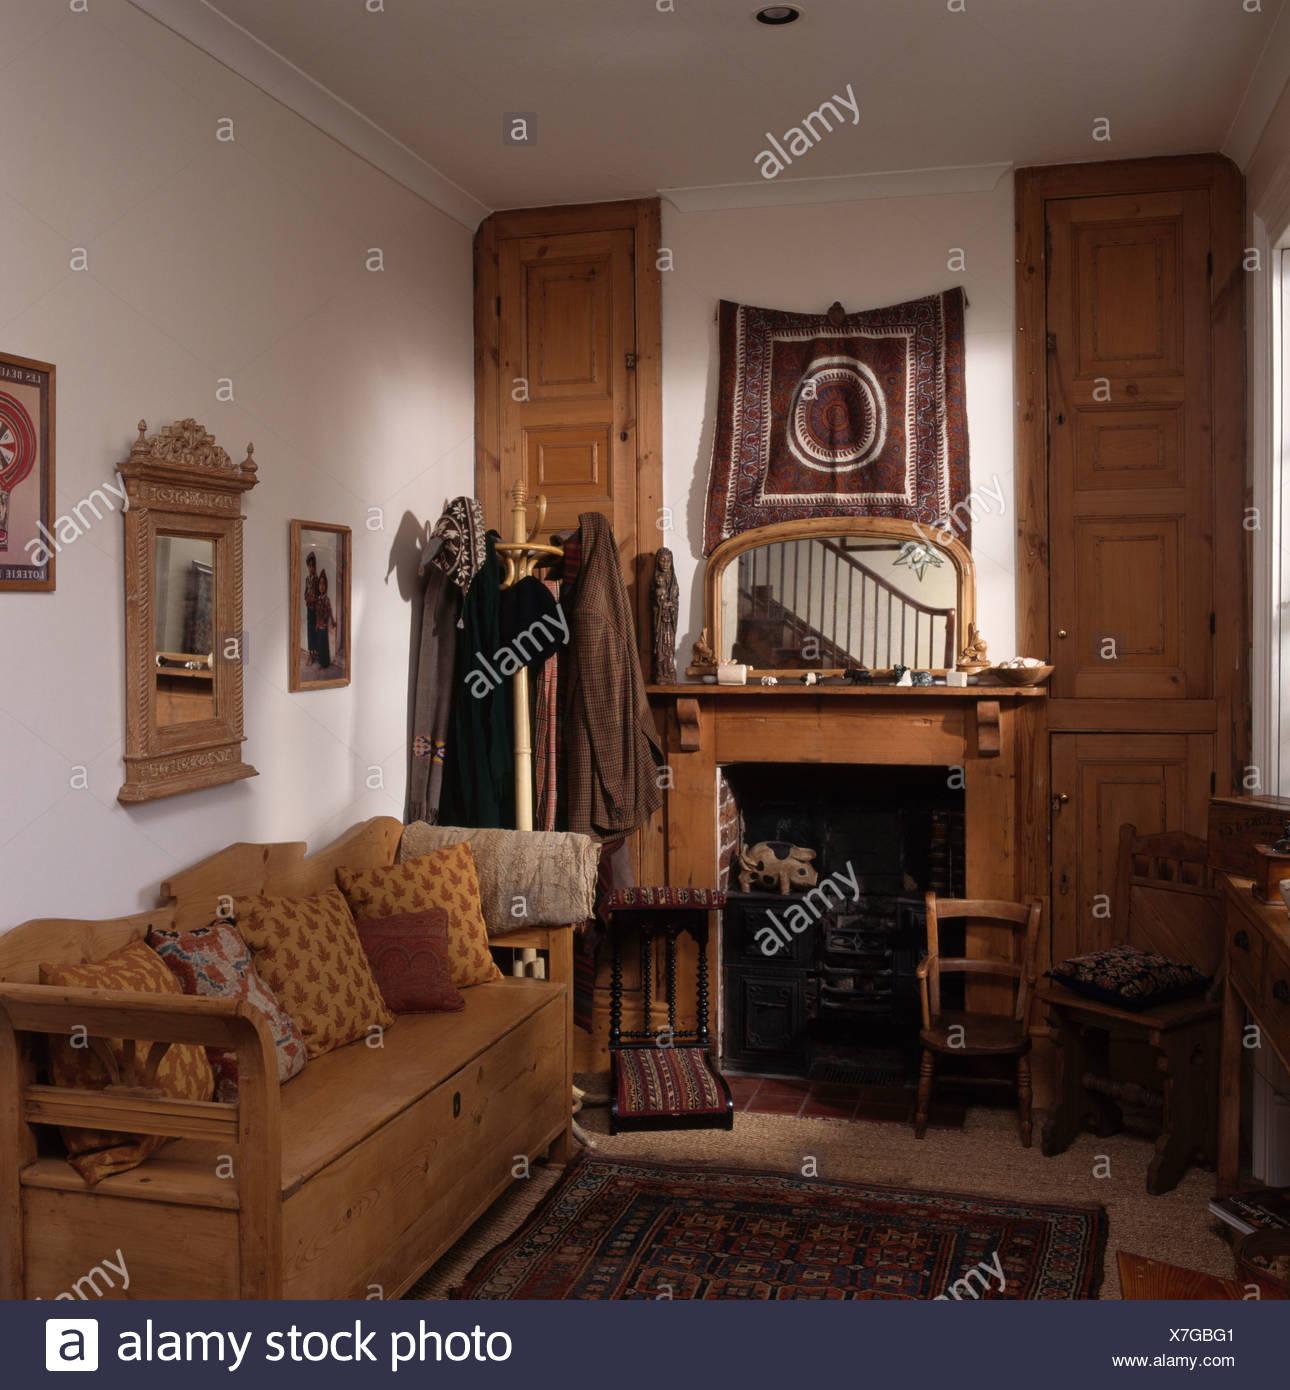 Antik Kiefer Siedeln Sich Im Kleinen Wohnzimmer Mit Spiegel über Dem Kamin  Kiefer Und Kiefer Türen Auf Alkoven Schränke